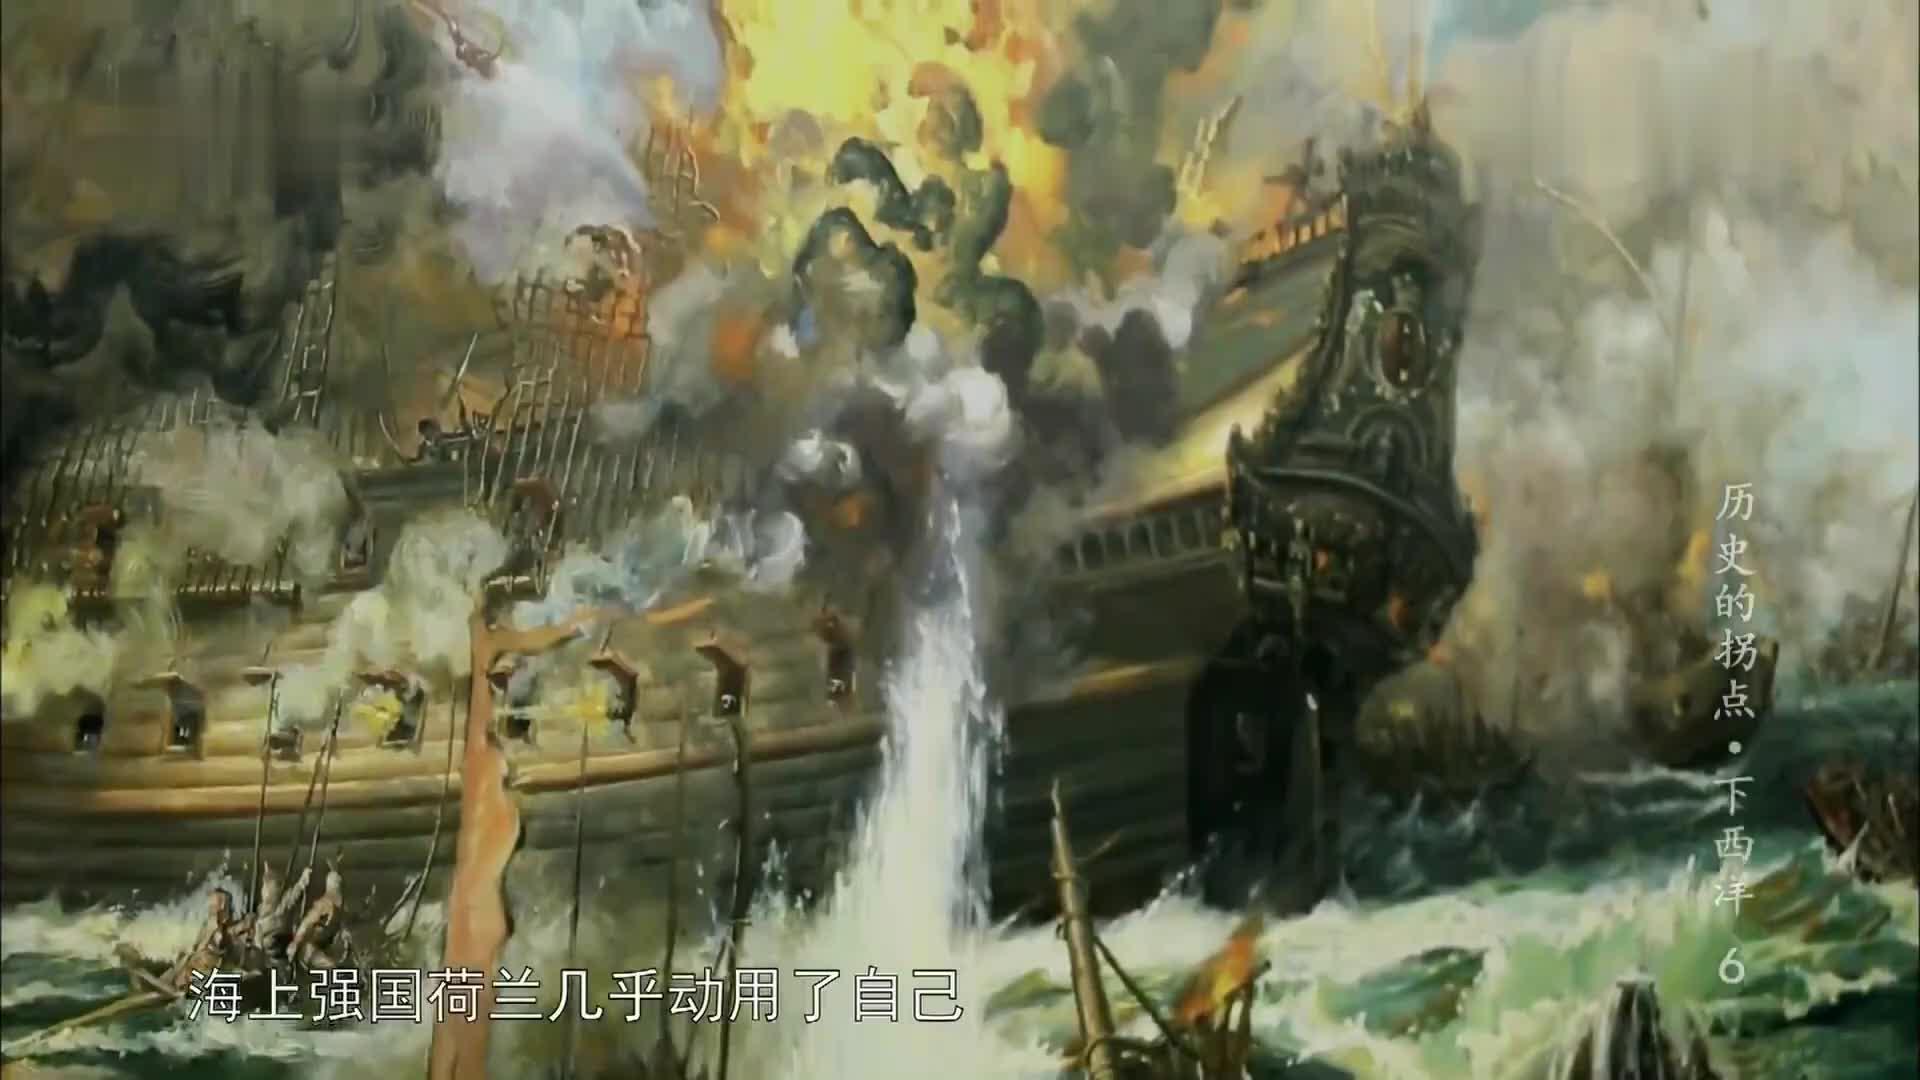 下西洋第六集(2)历史朝代更替,中国错过航海时代历史机遇